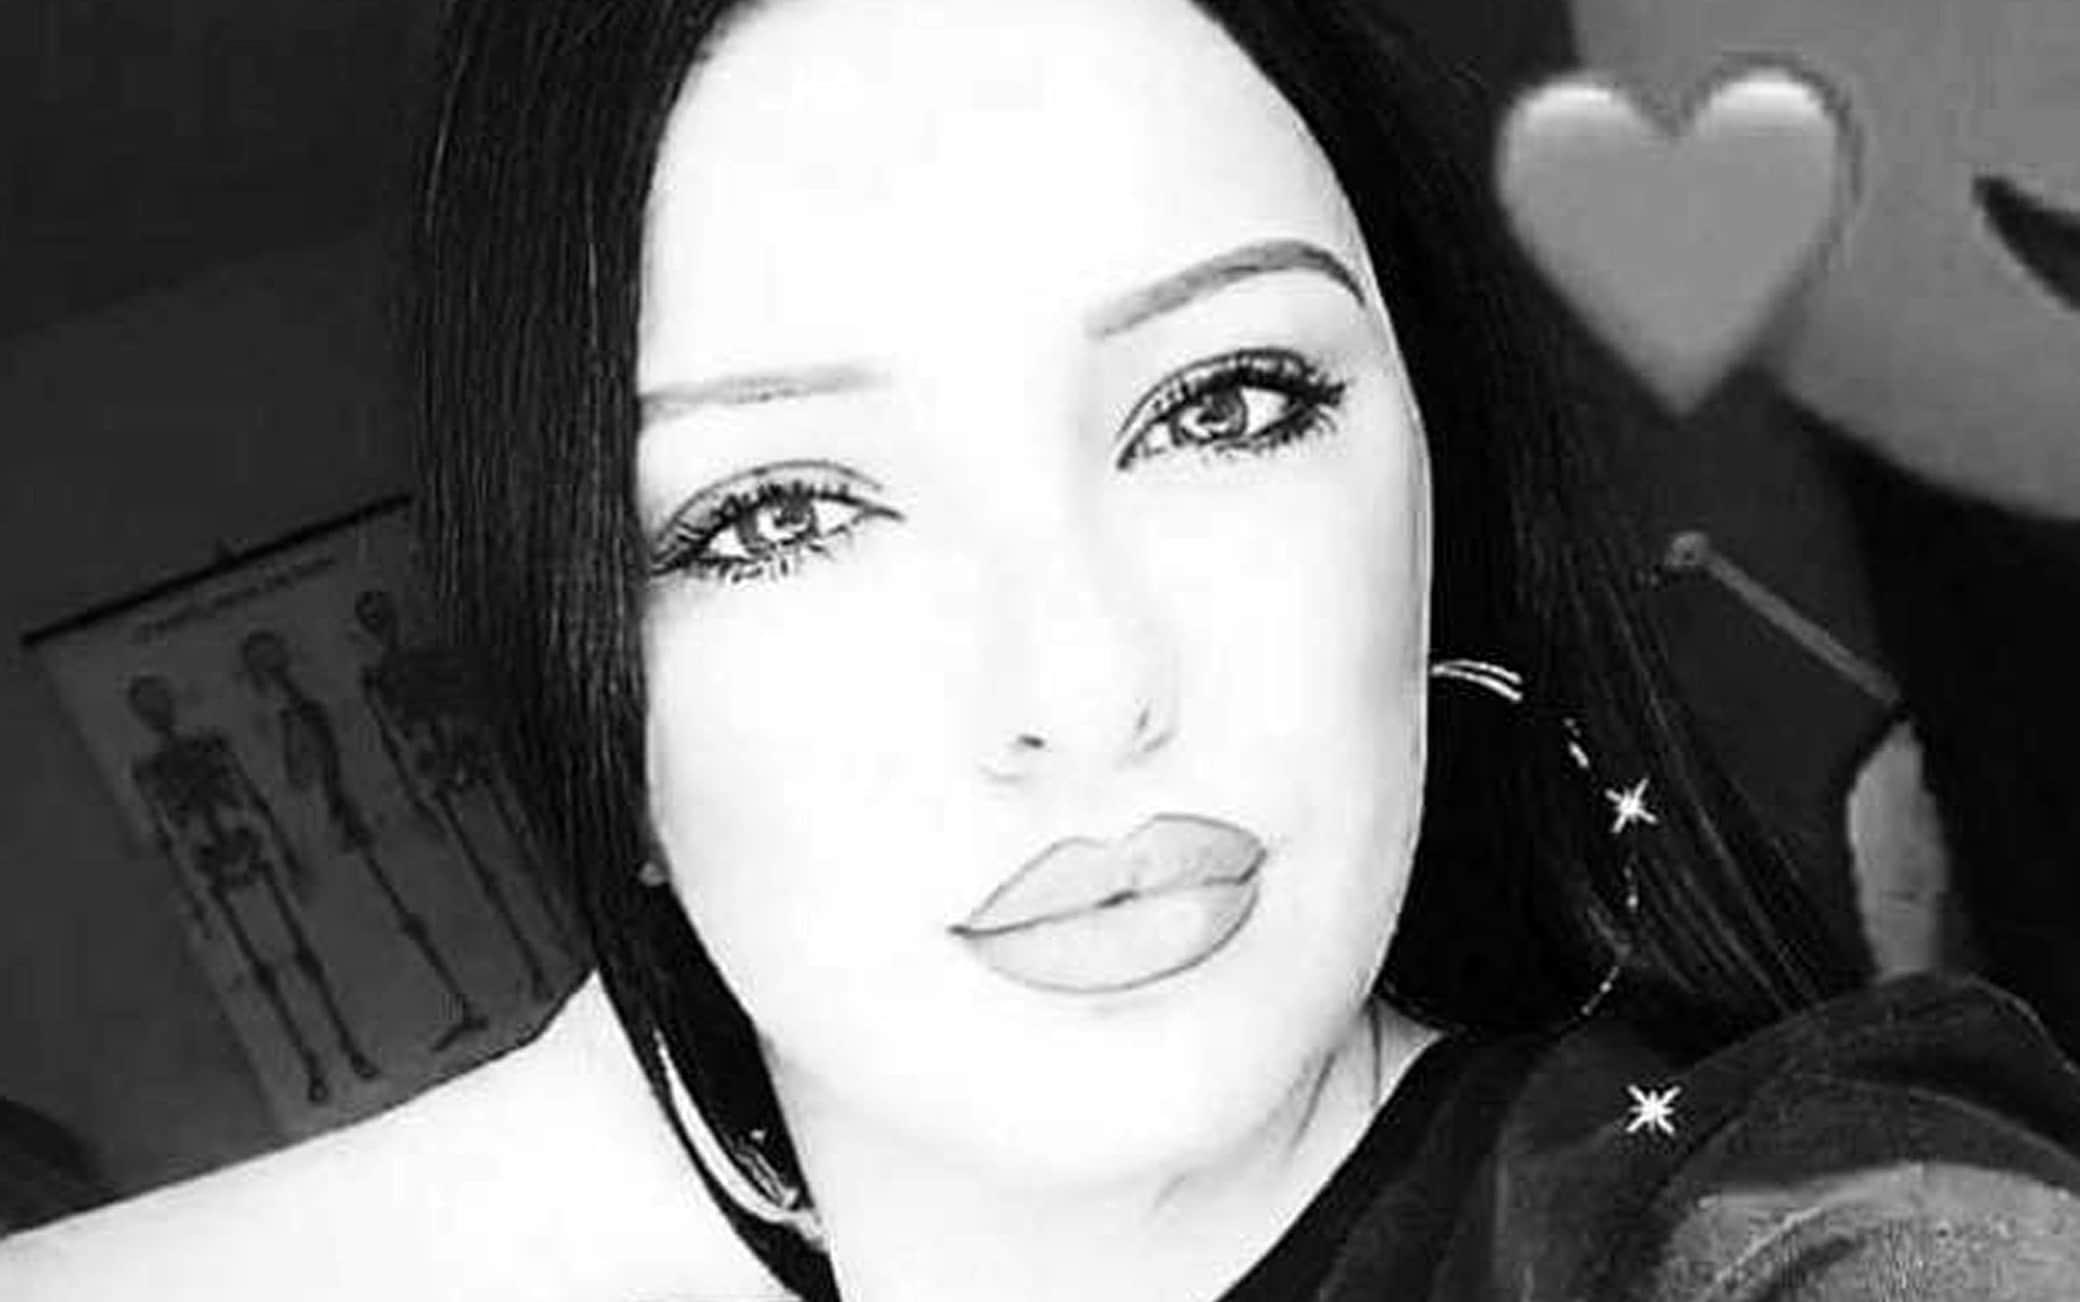 Paola Maria Gaglione nella foto del suo profilo Facebook